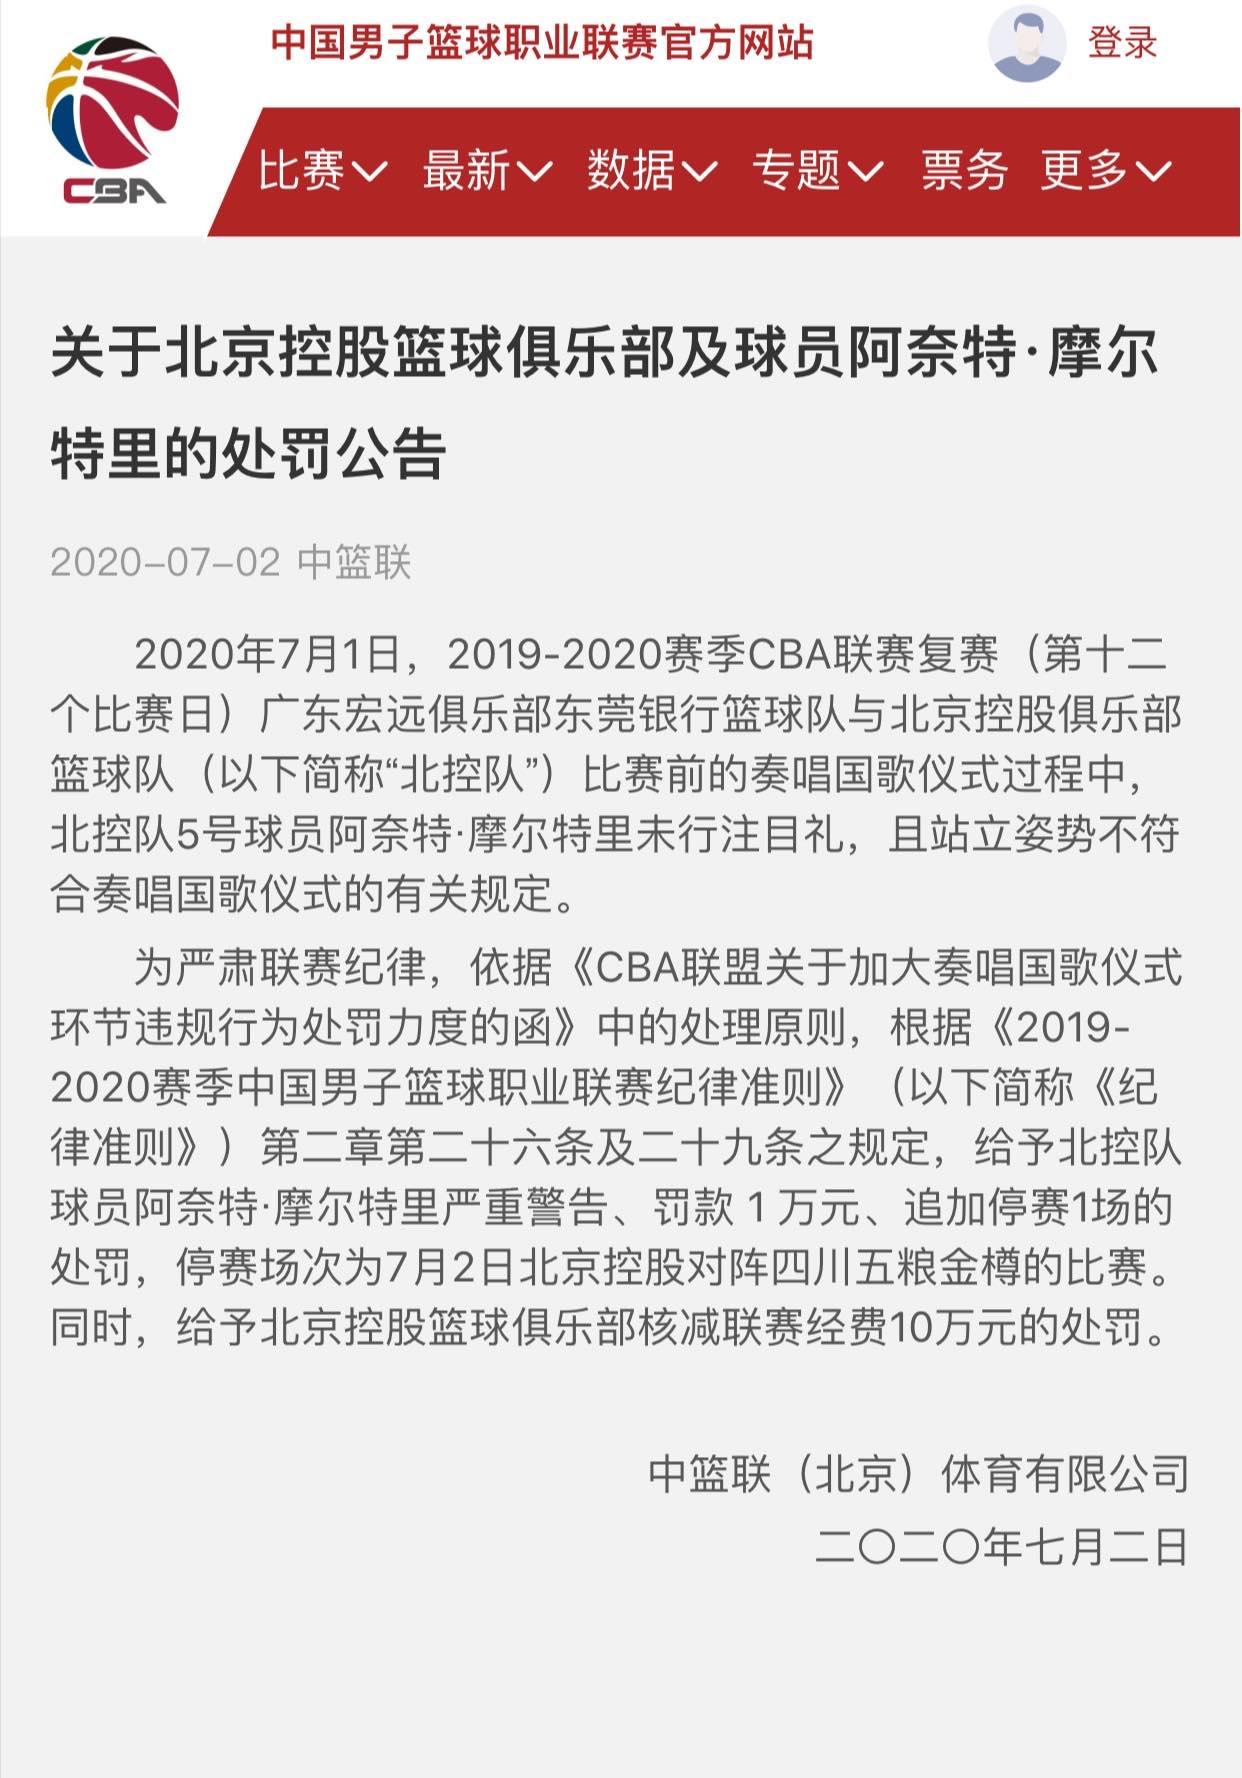 摩天代理目礼被处摩天代理罚北控单外援战四川图片